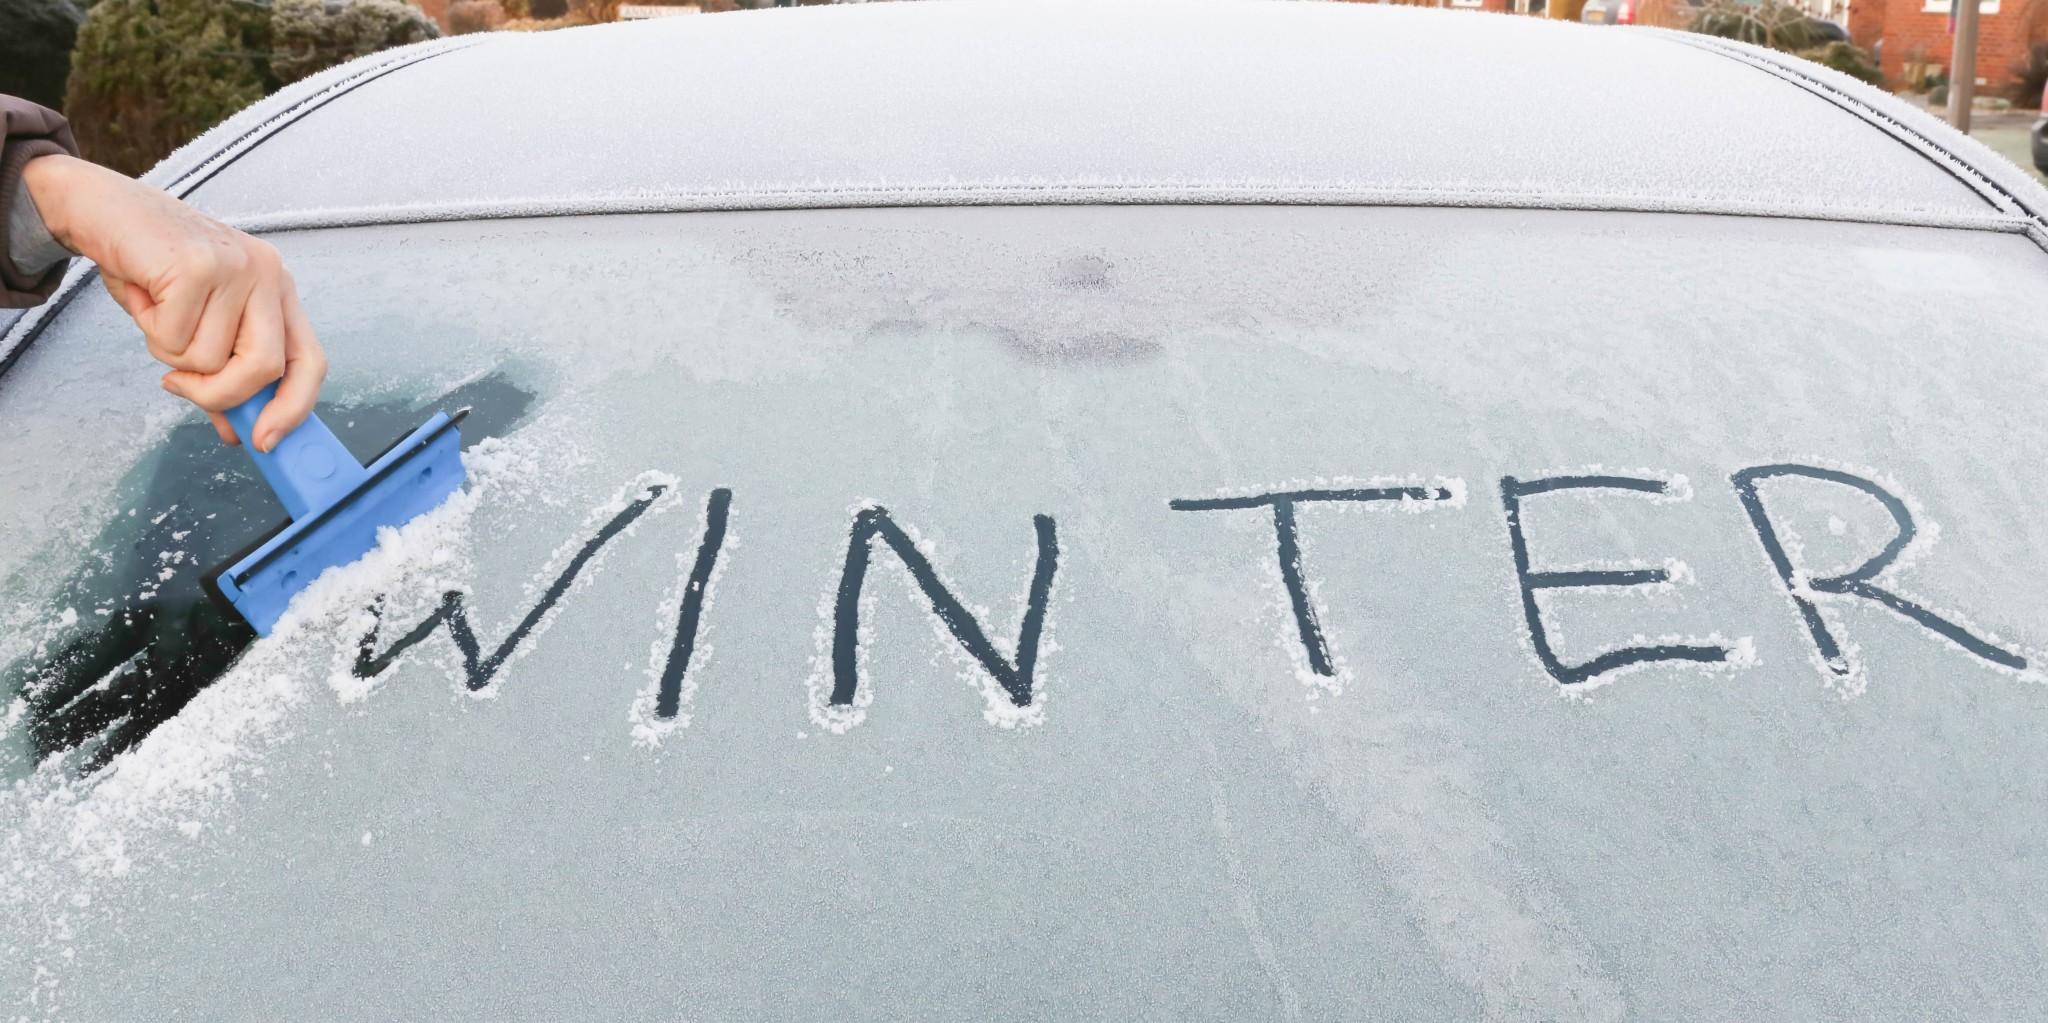 DESERT DWELLER TIPS FOR WINTER CAR CARE